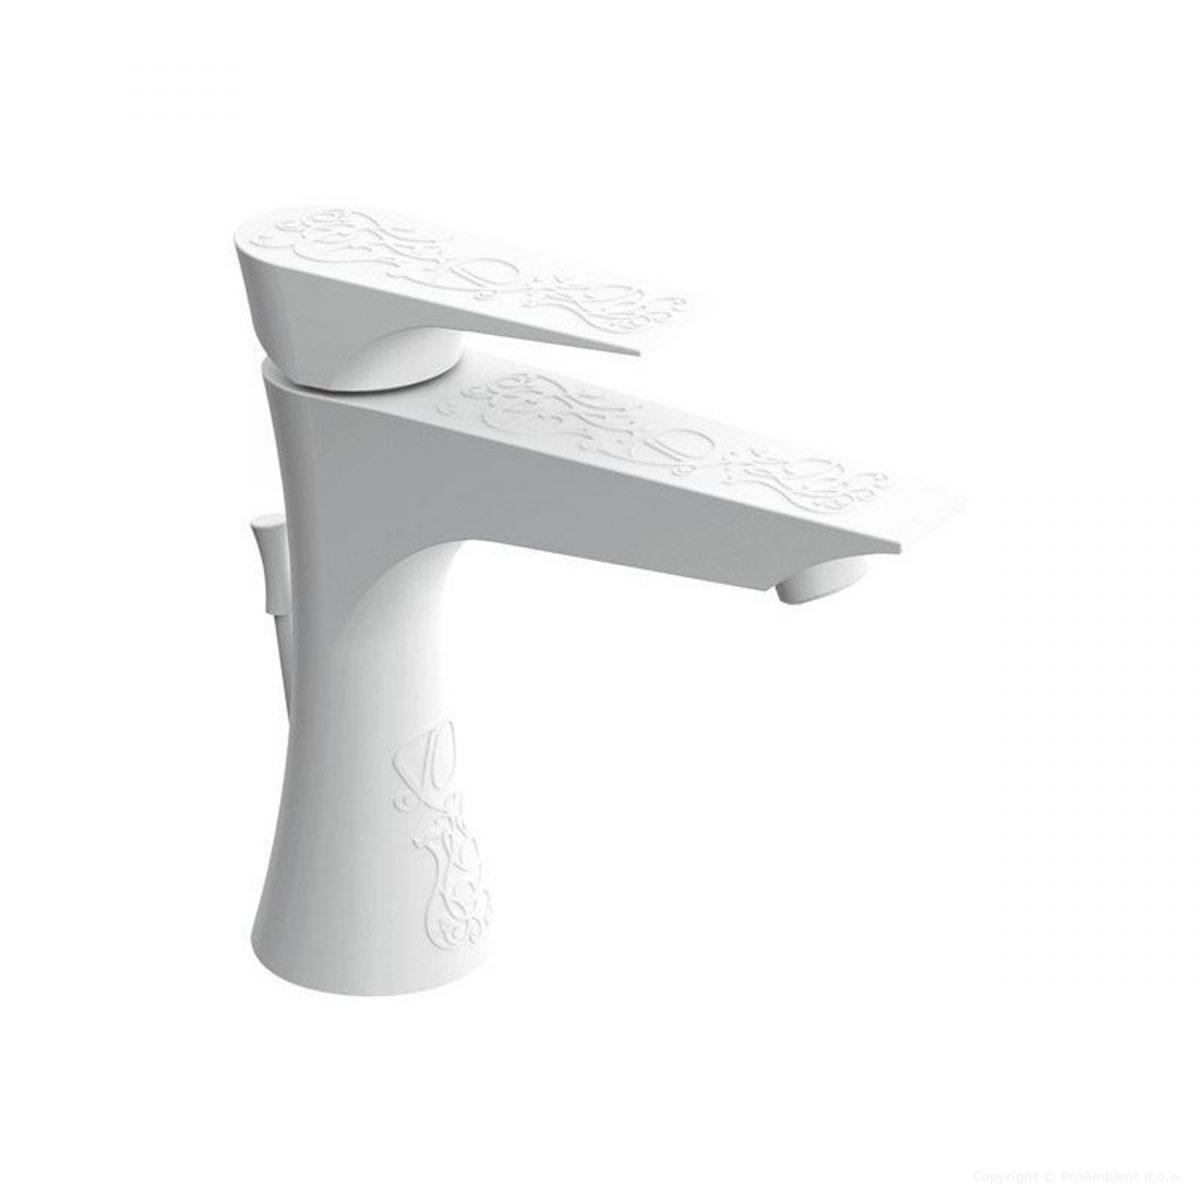 Bela armatura za umivalnik